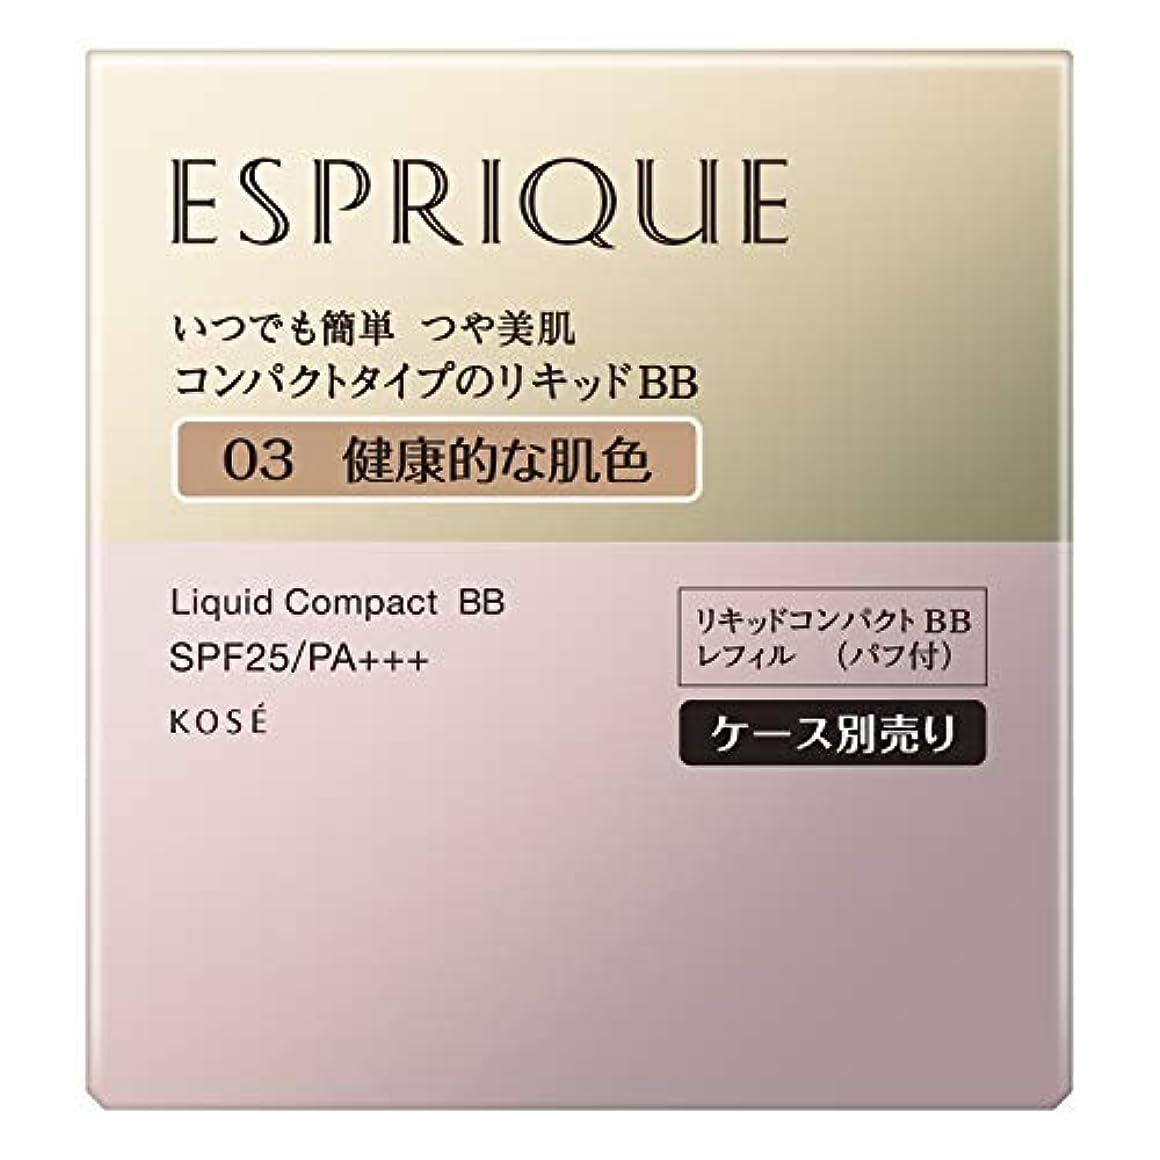 スーパーマーケット八百屋一目エスプリーク リキッド コンパクト BB 03 健康的な肌色 13g